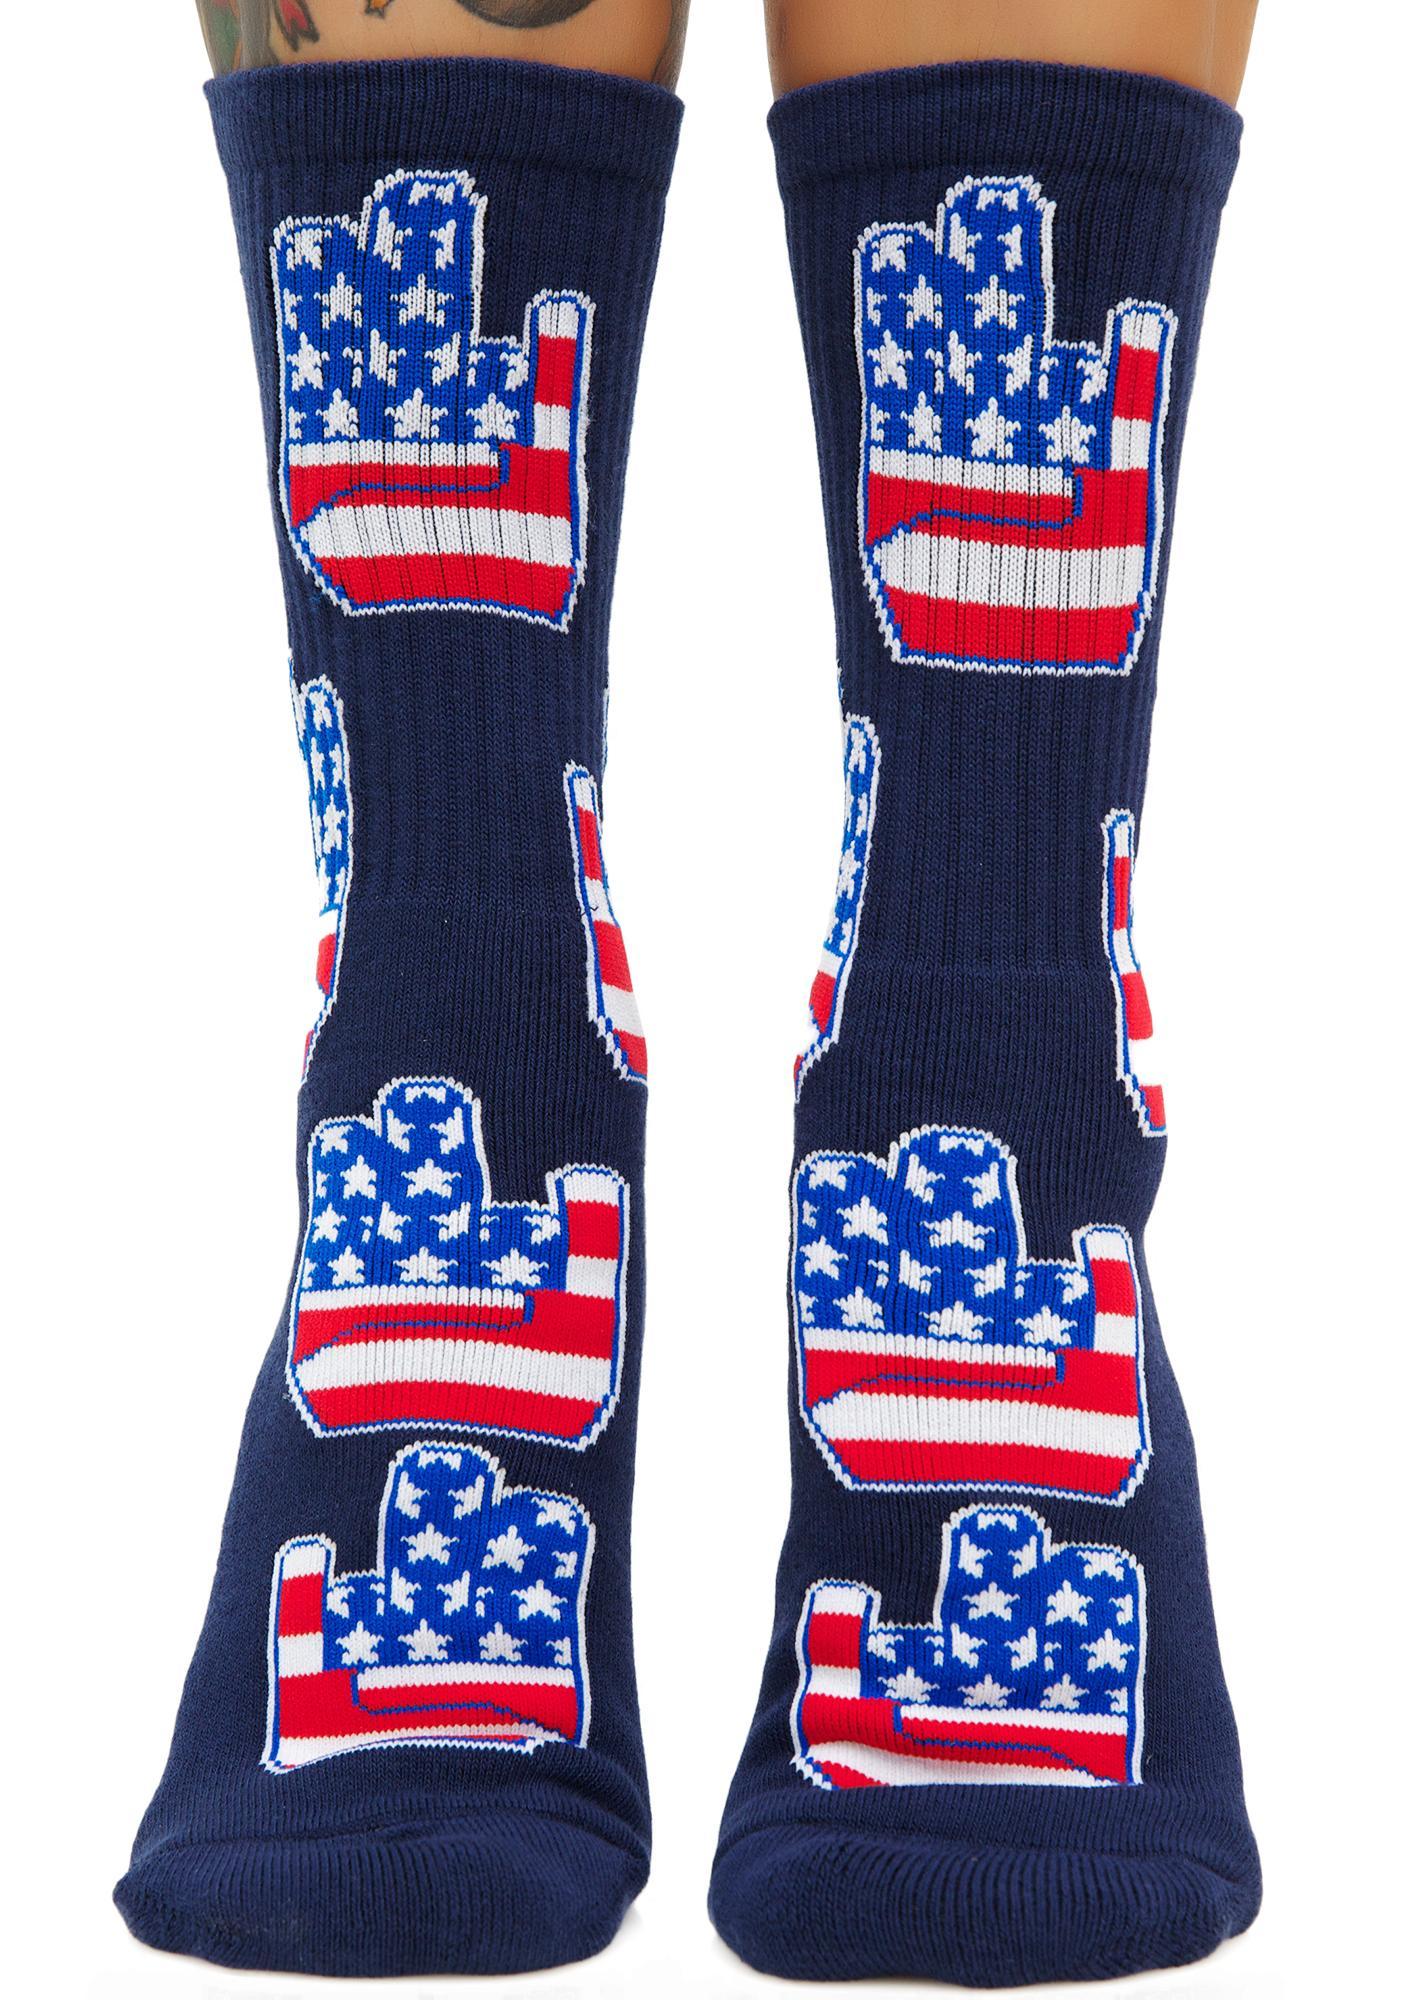 40s & Shorties Patriot Shocker Socks